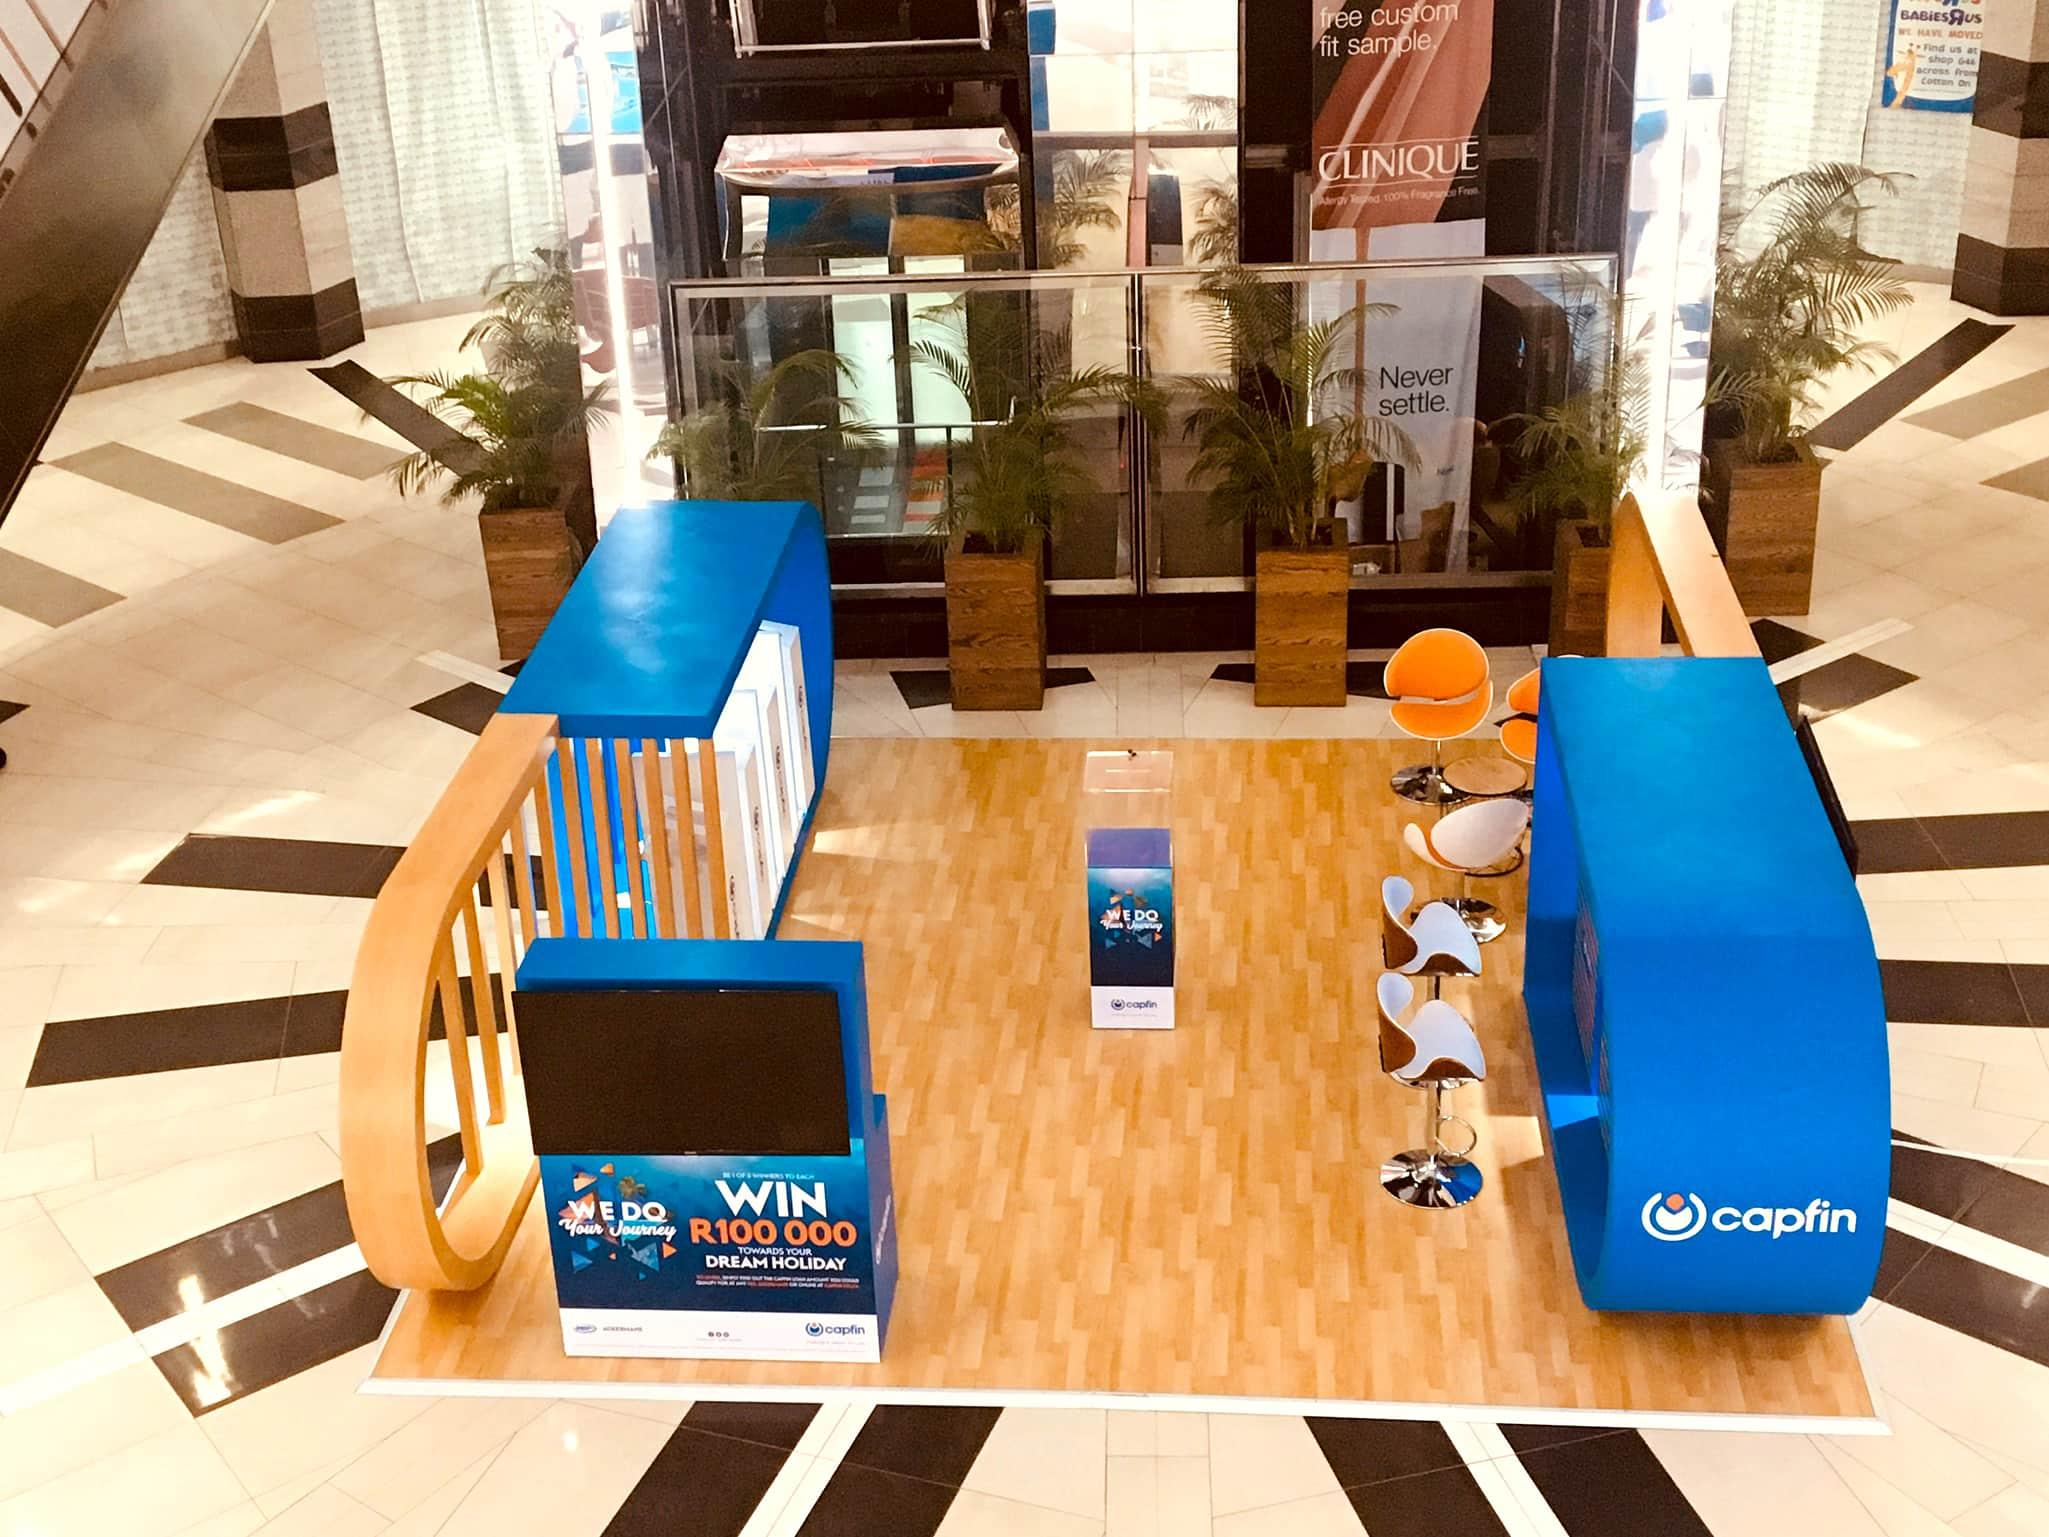 Mall Activations - Capfin